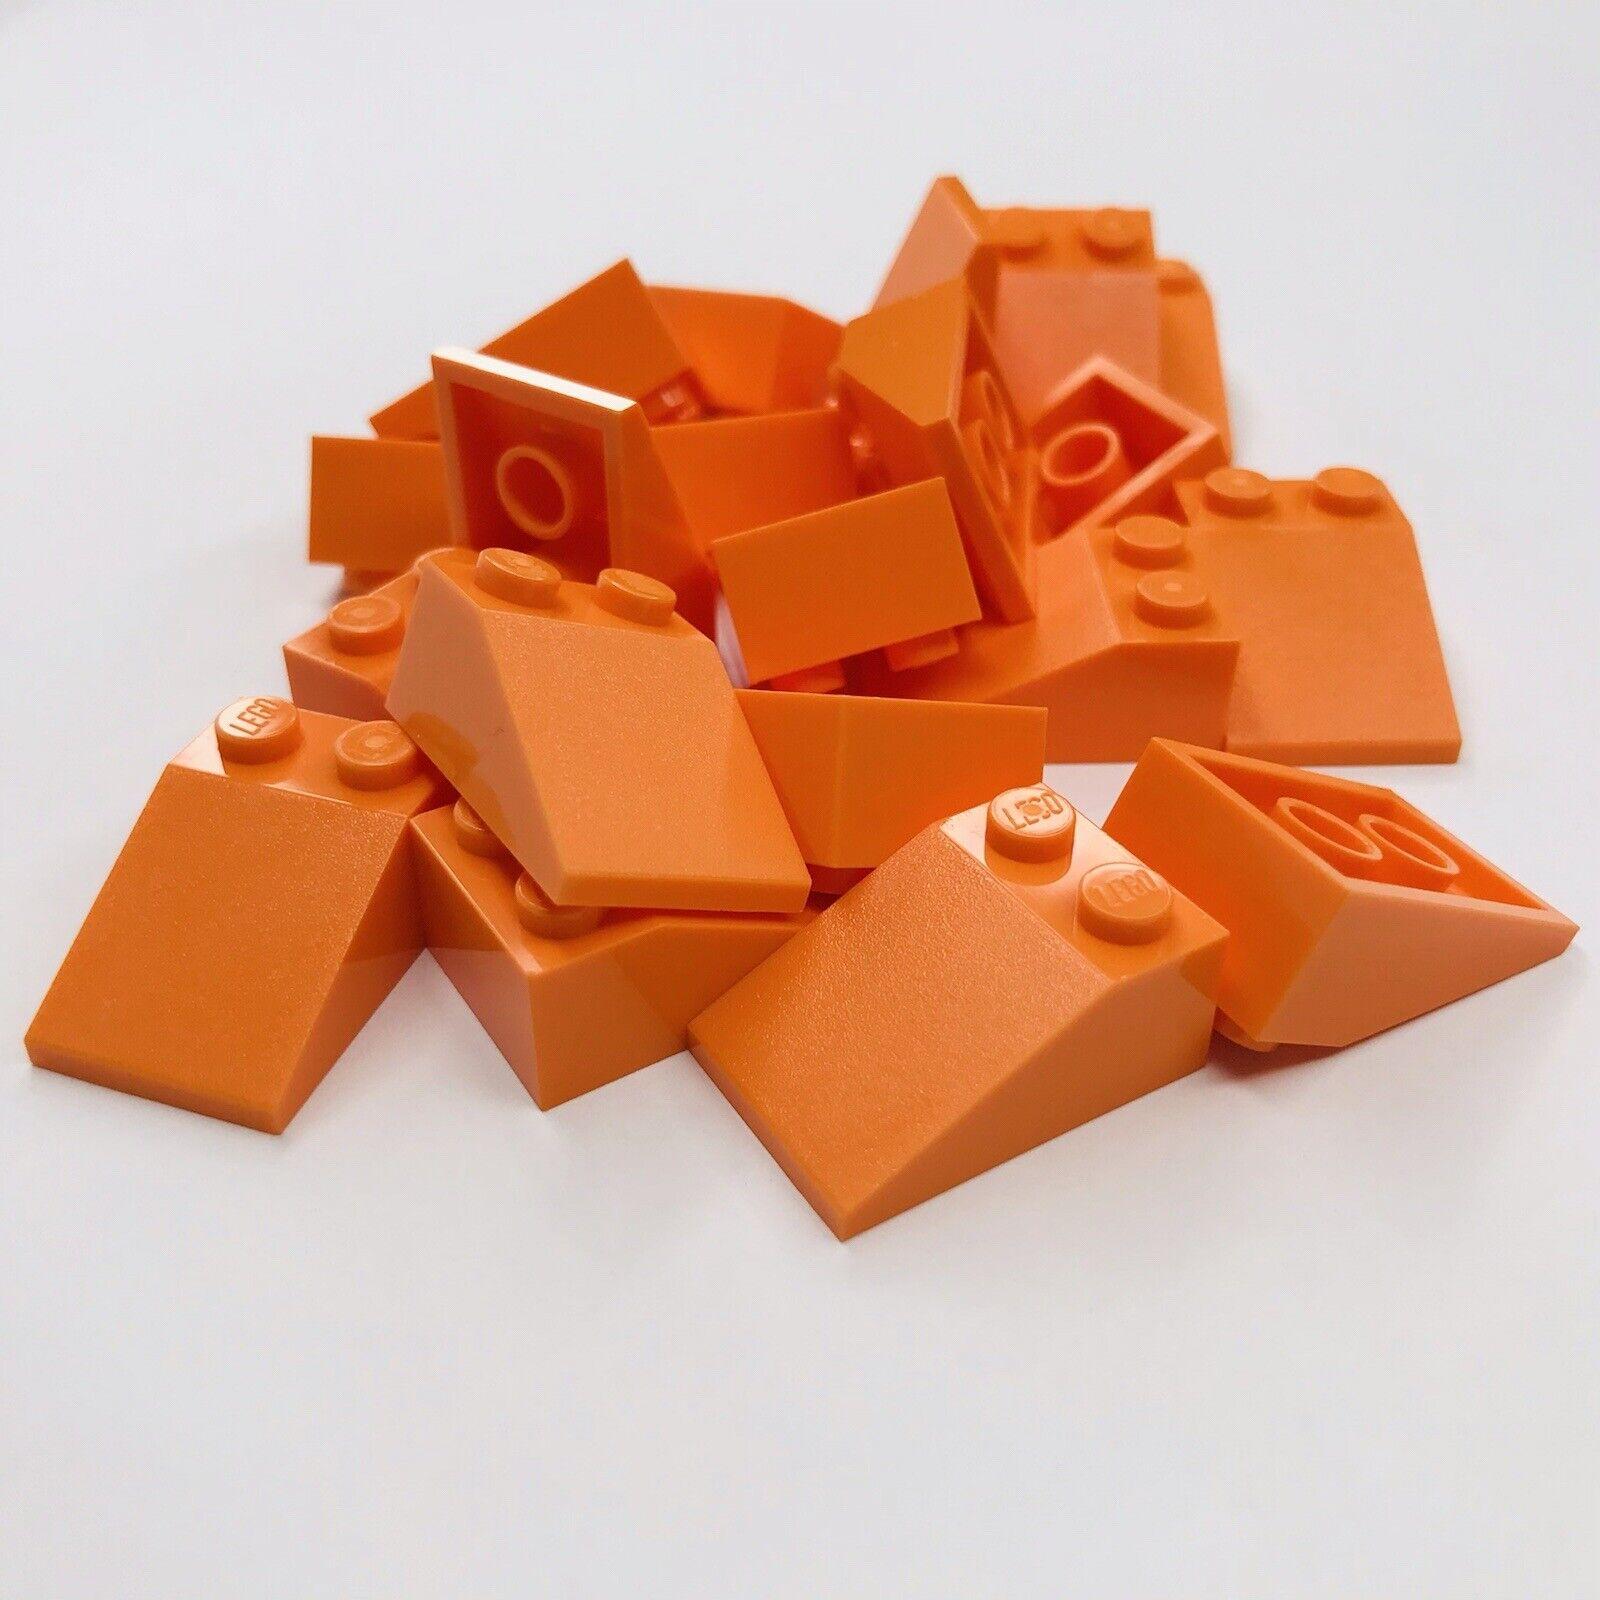 LEGO PARTS-BRAND NEW-#3298-ORANGE-SLOPE 33  3X2-50 PIECES